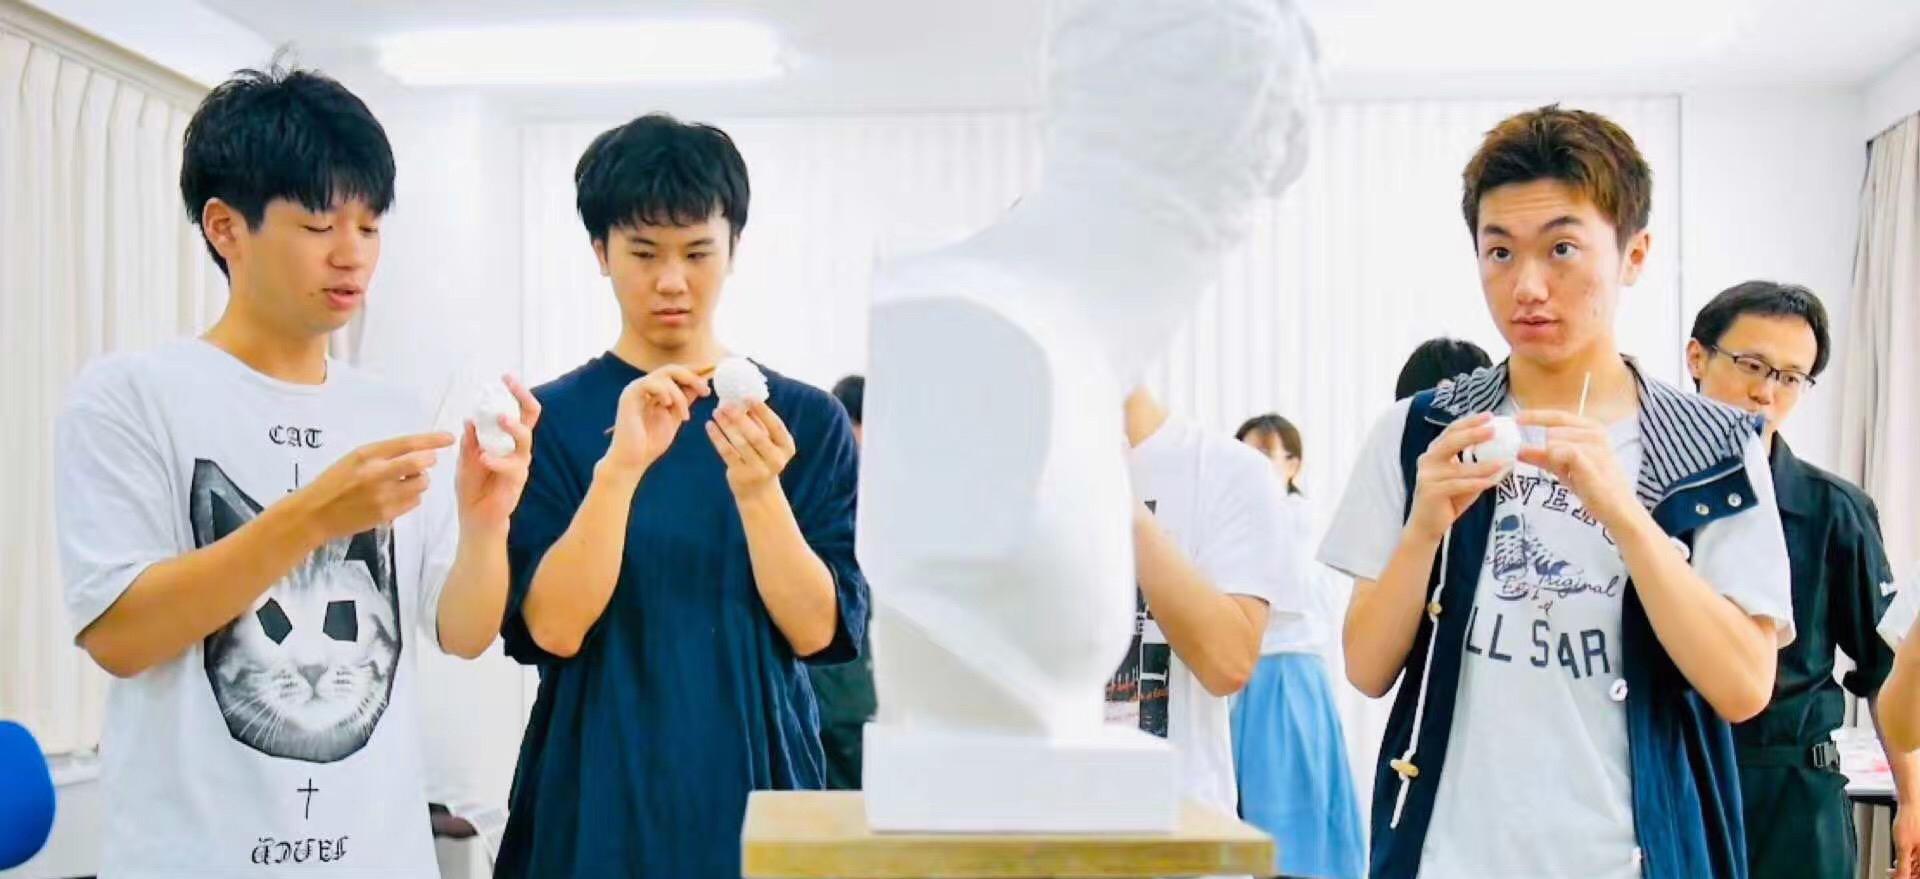 申请日本语言学校,一般会遇到哪些问题?